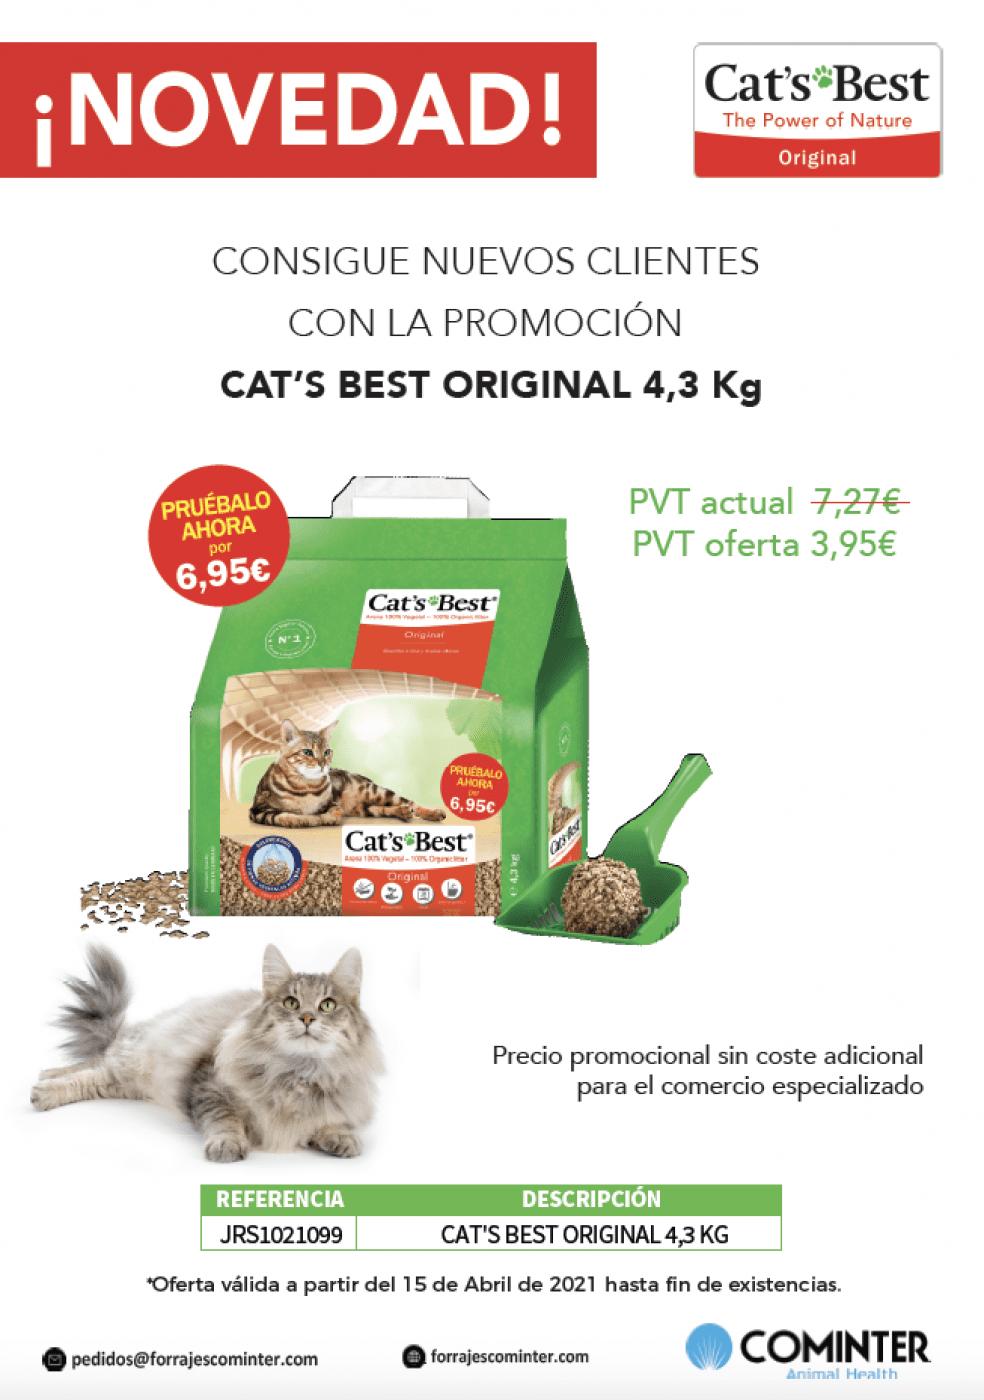 Novedad Promoción Cat's Best 4,3Kg